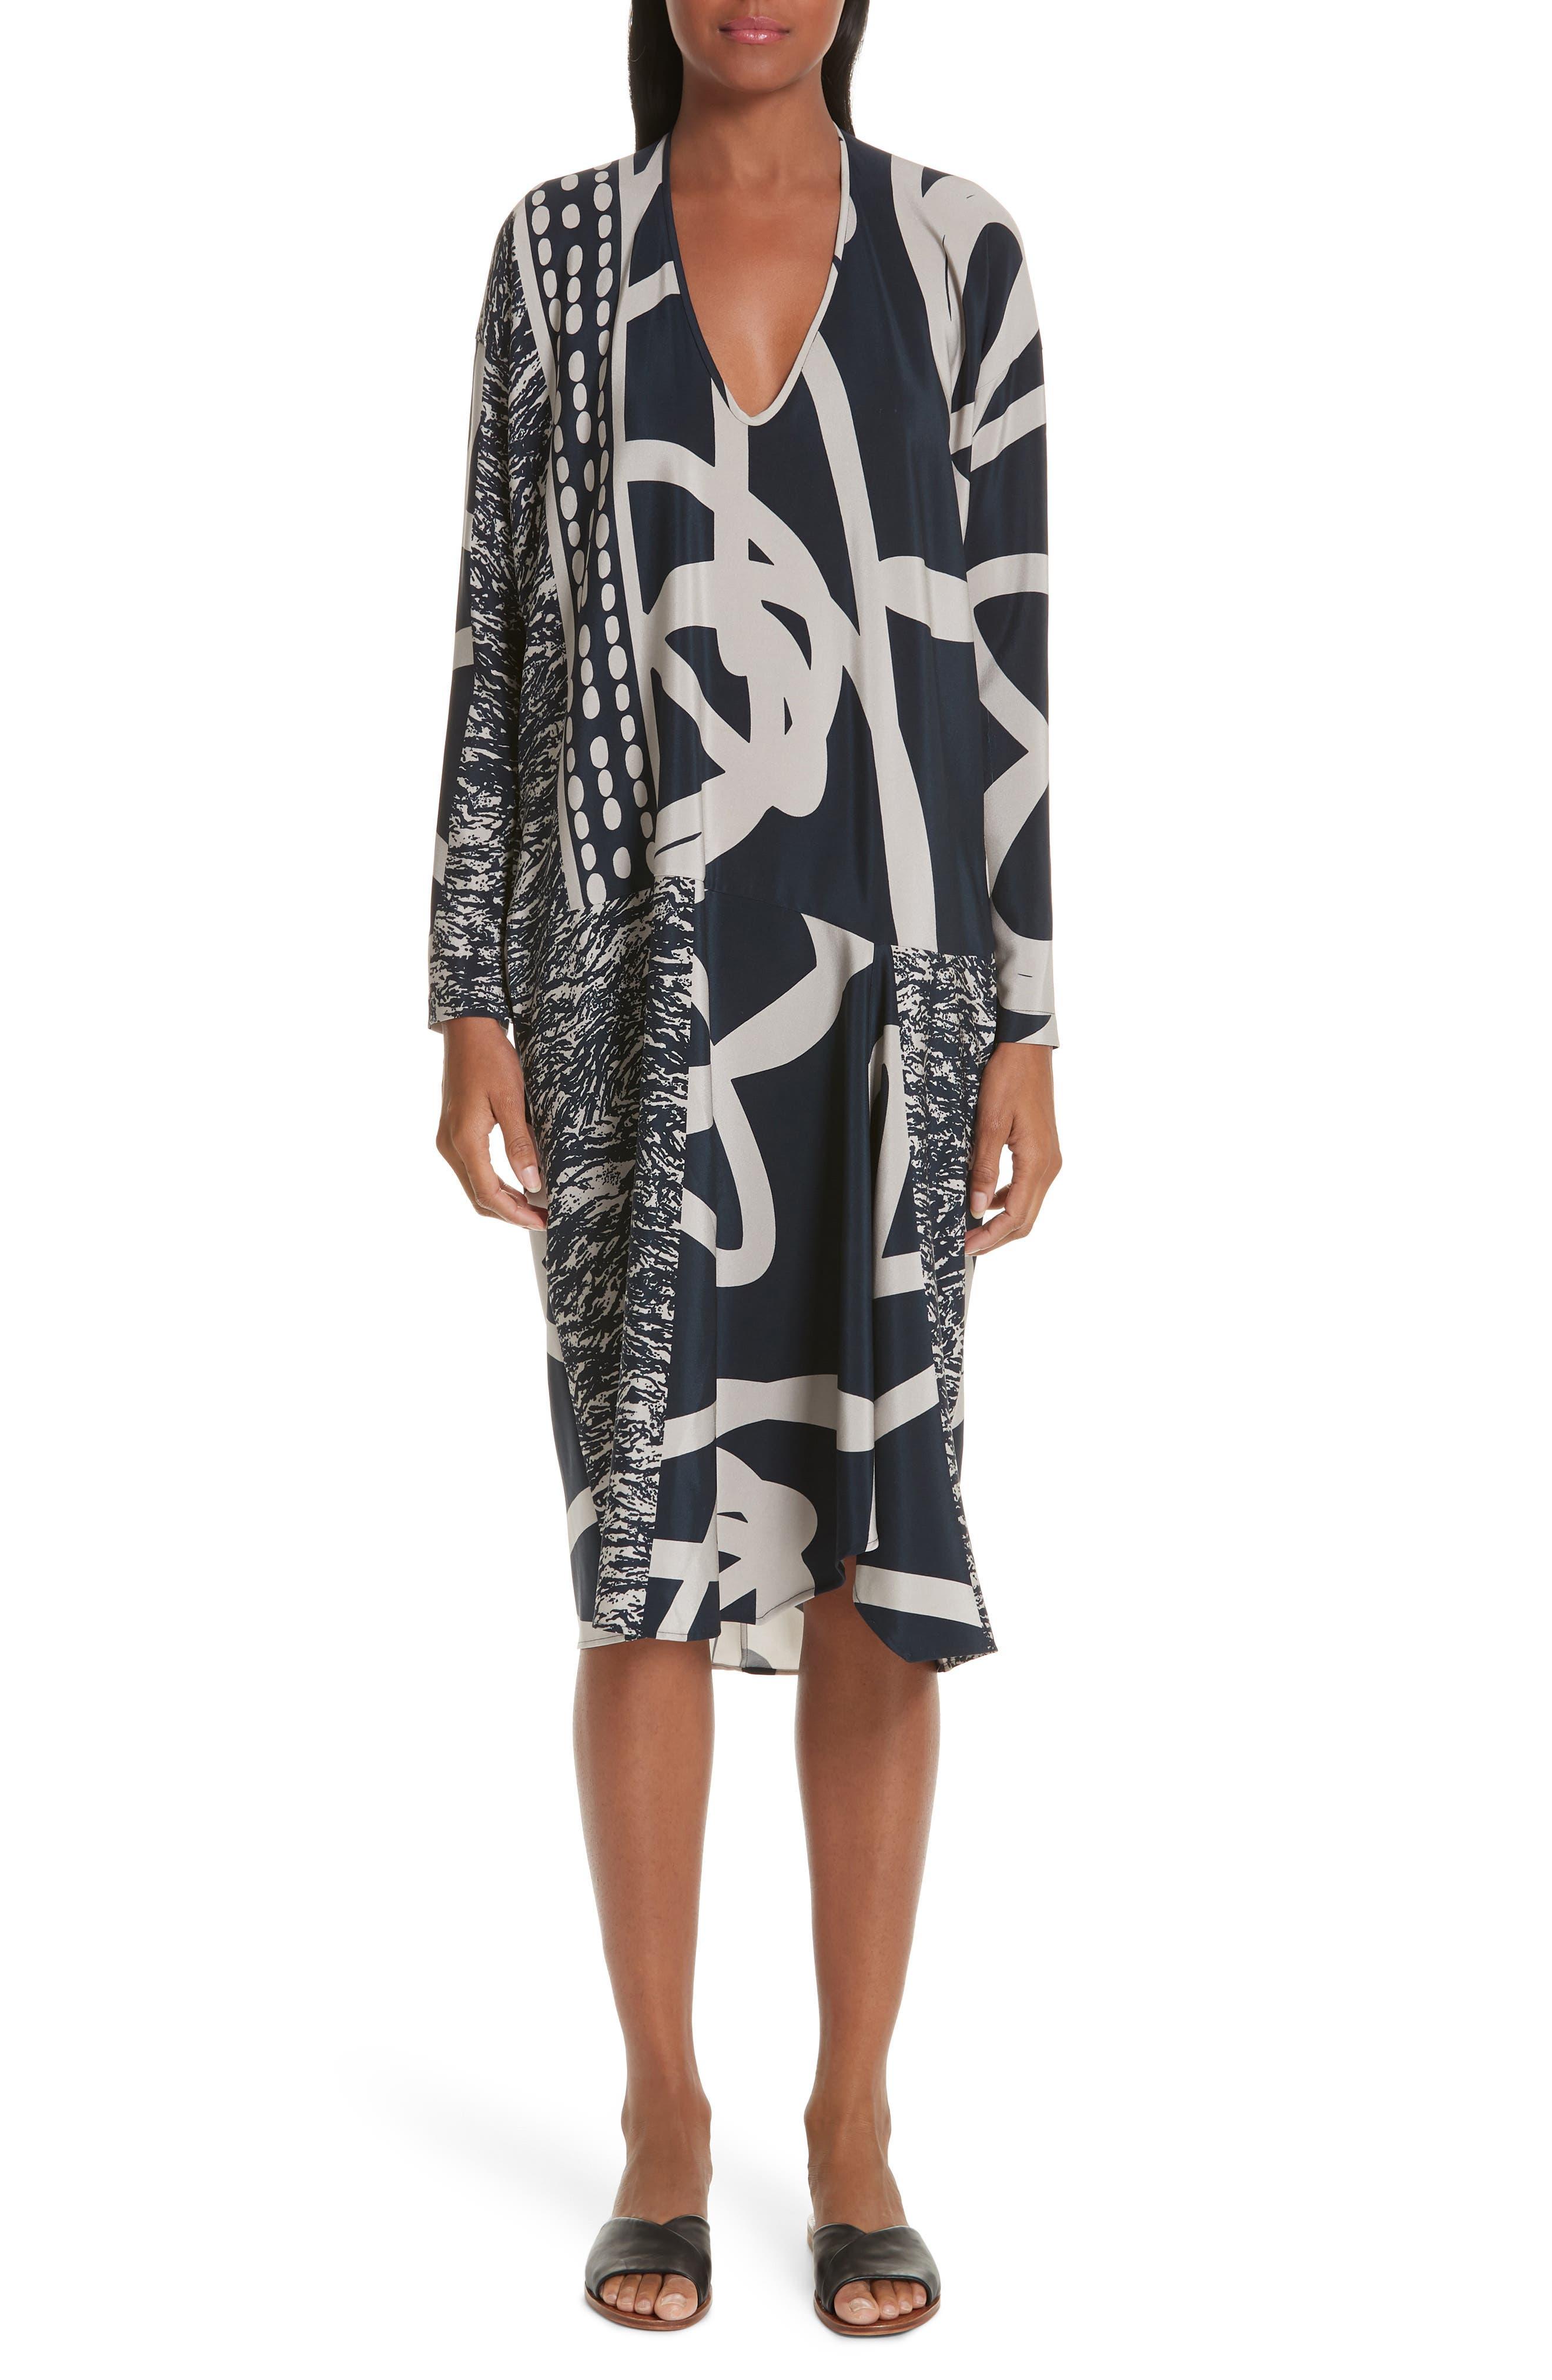 Zero + Maria Cornejo Greige Print Stretch Silk Dress